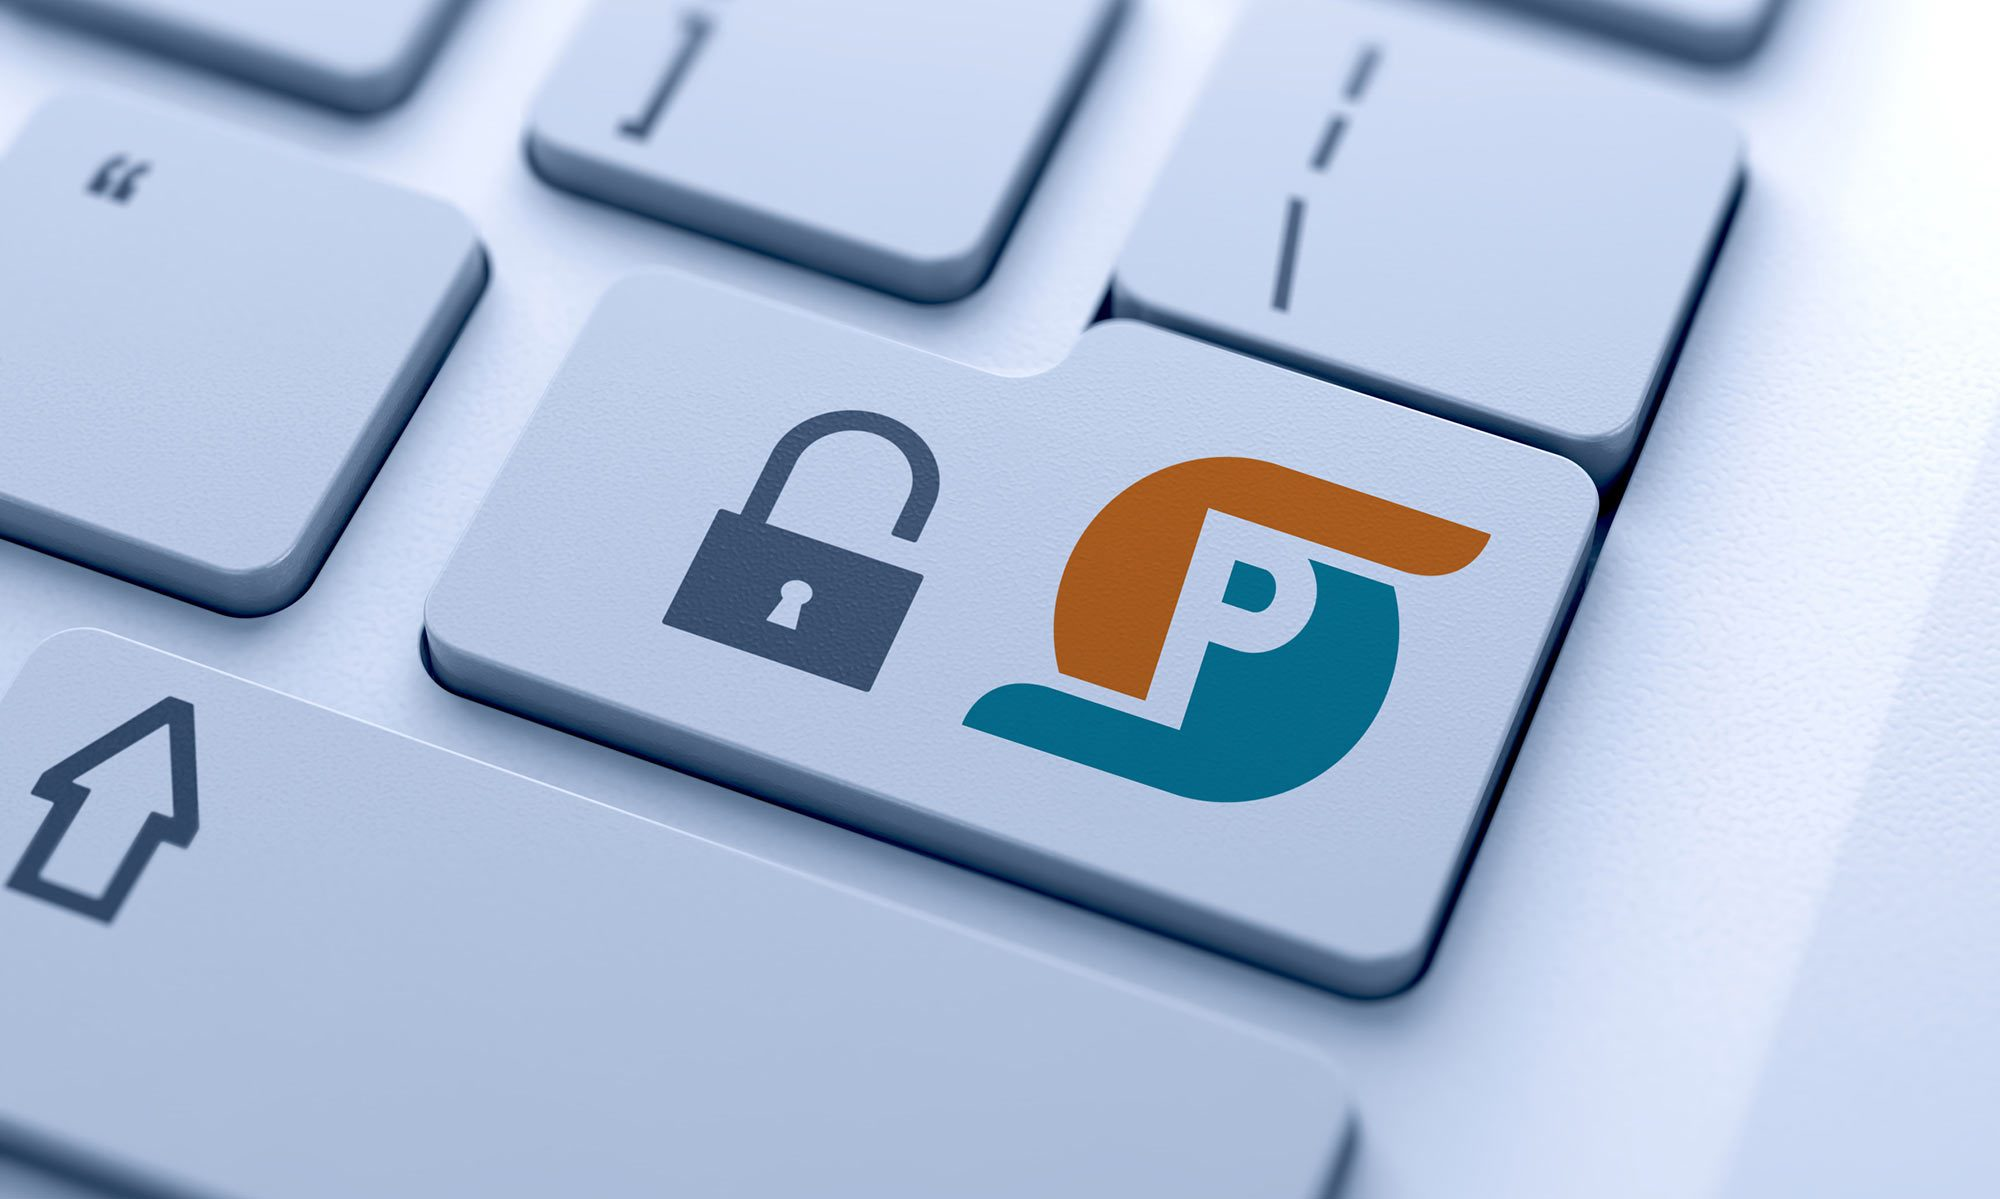 bild von Prosults Studio app Datenschutzrichtlinie